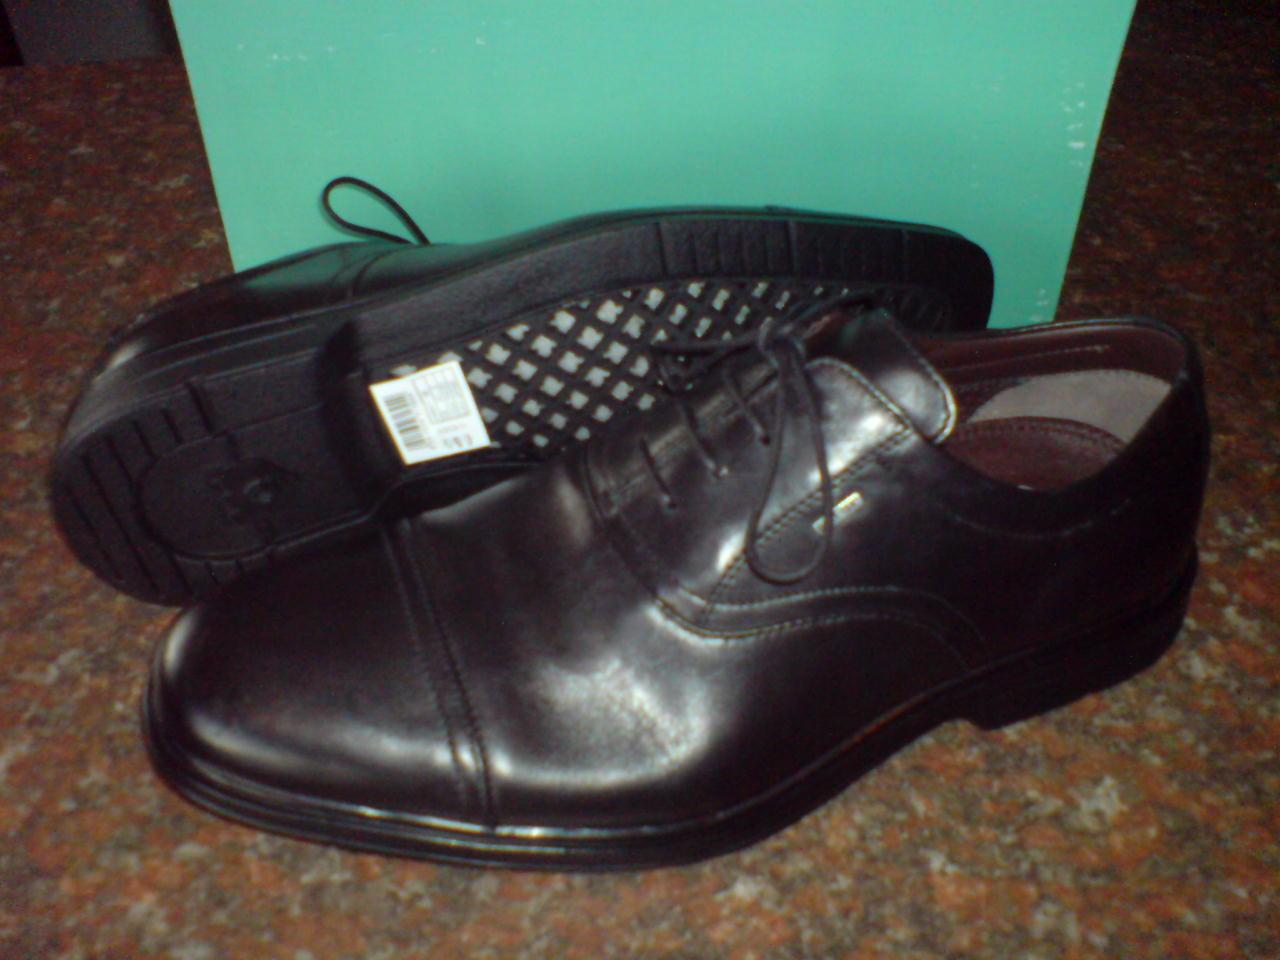 Clarks da uomo eleganti Coola VIAGGI GTX NERO LEA IMPERMEABILE / VERO 8 Scarpe classiche da uomo